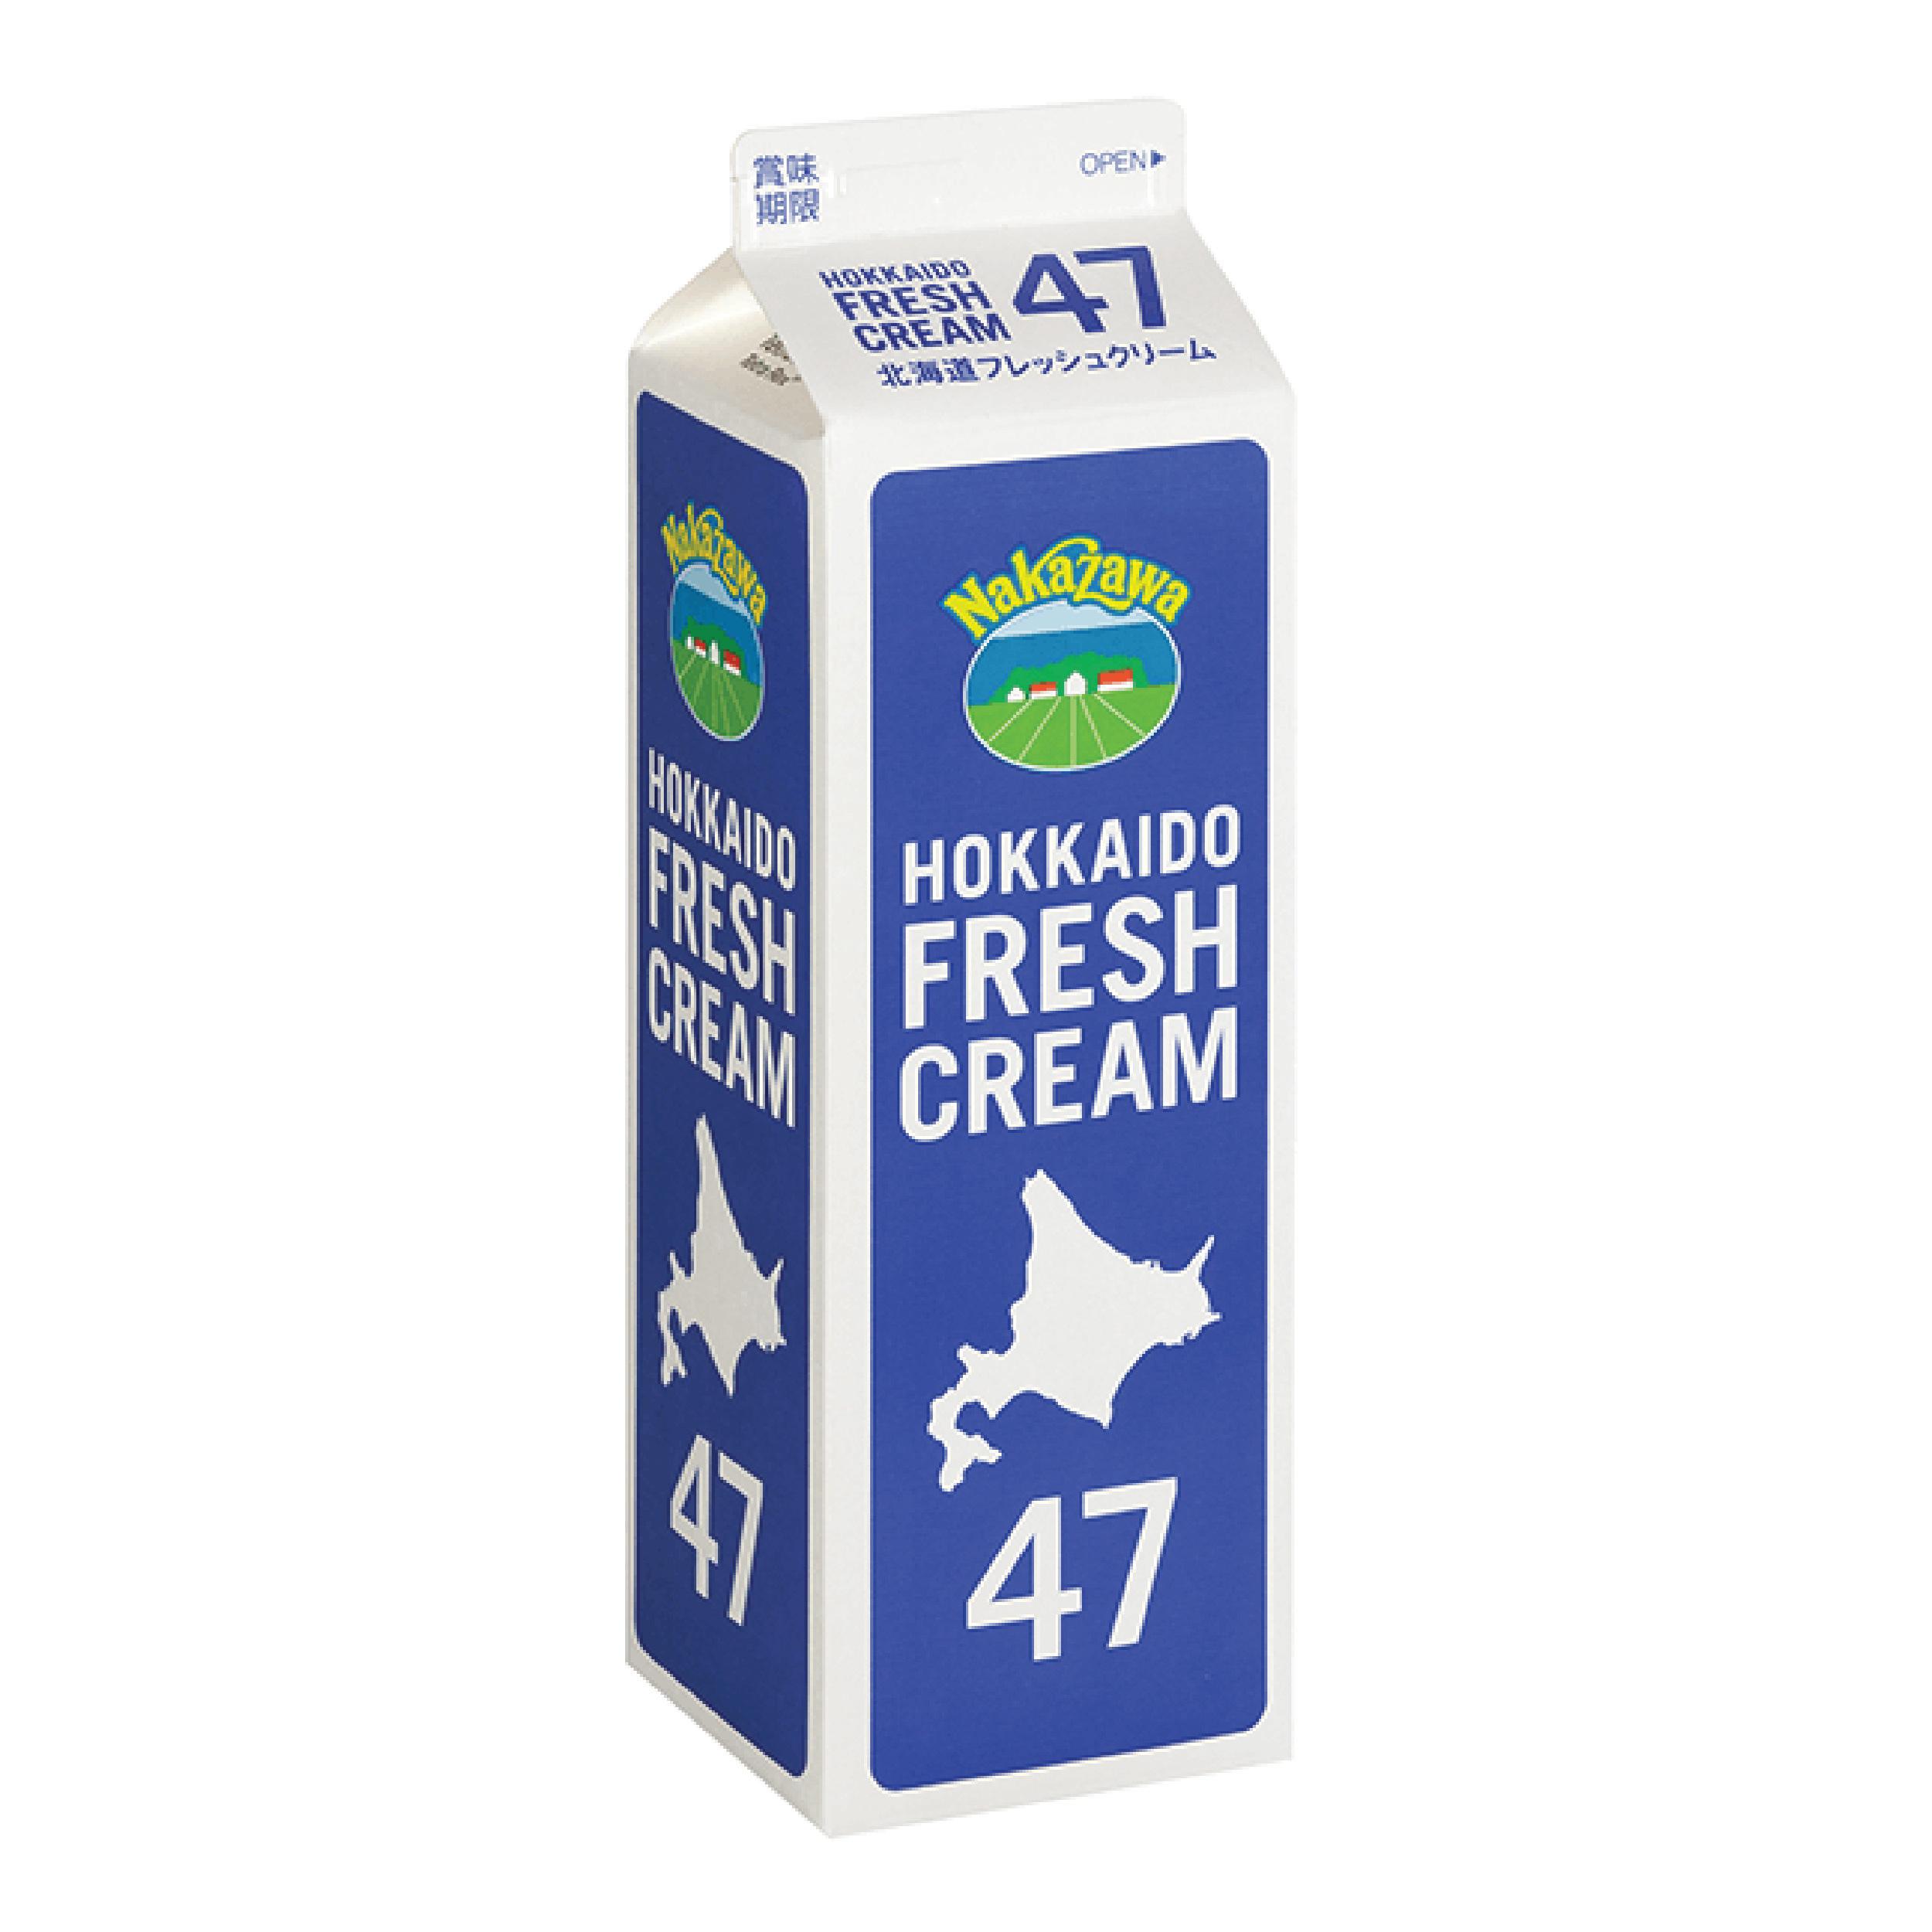 Hokkaido Fresh Cream 47%